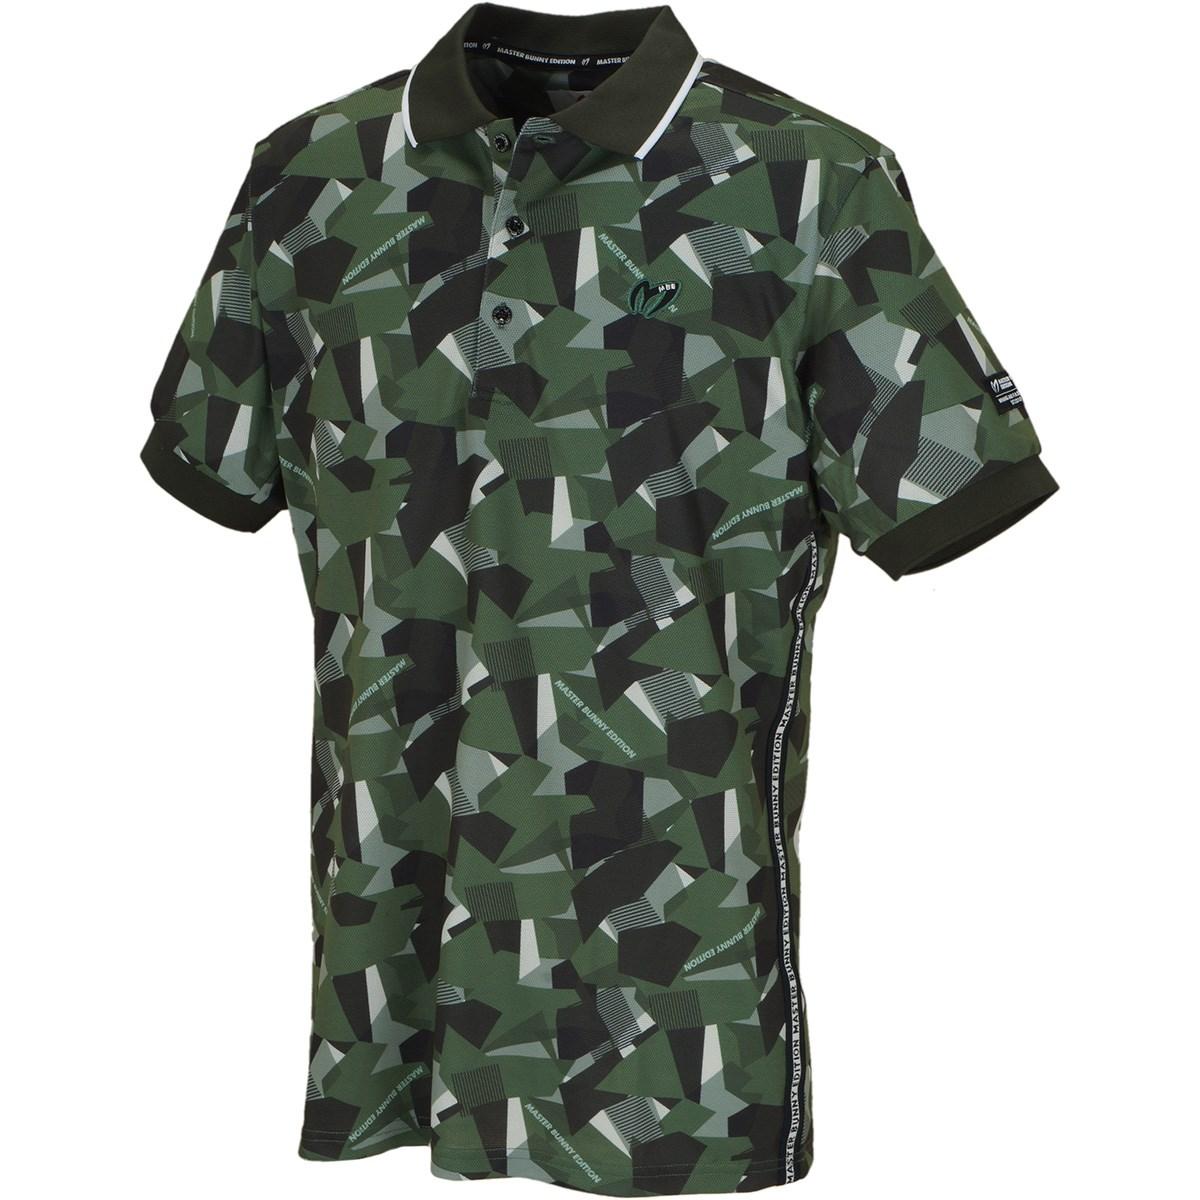 マスターバニーエディション デジカモプリント プレミアムTEX 半袖ポロシャツ